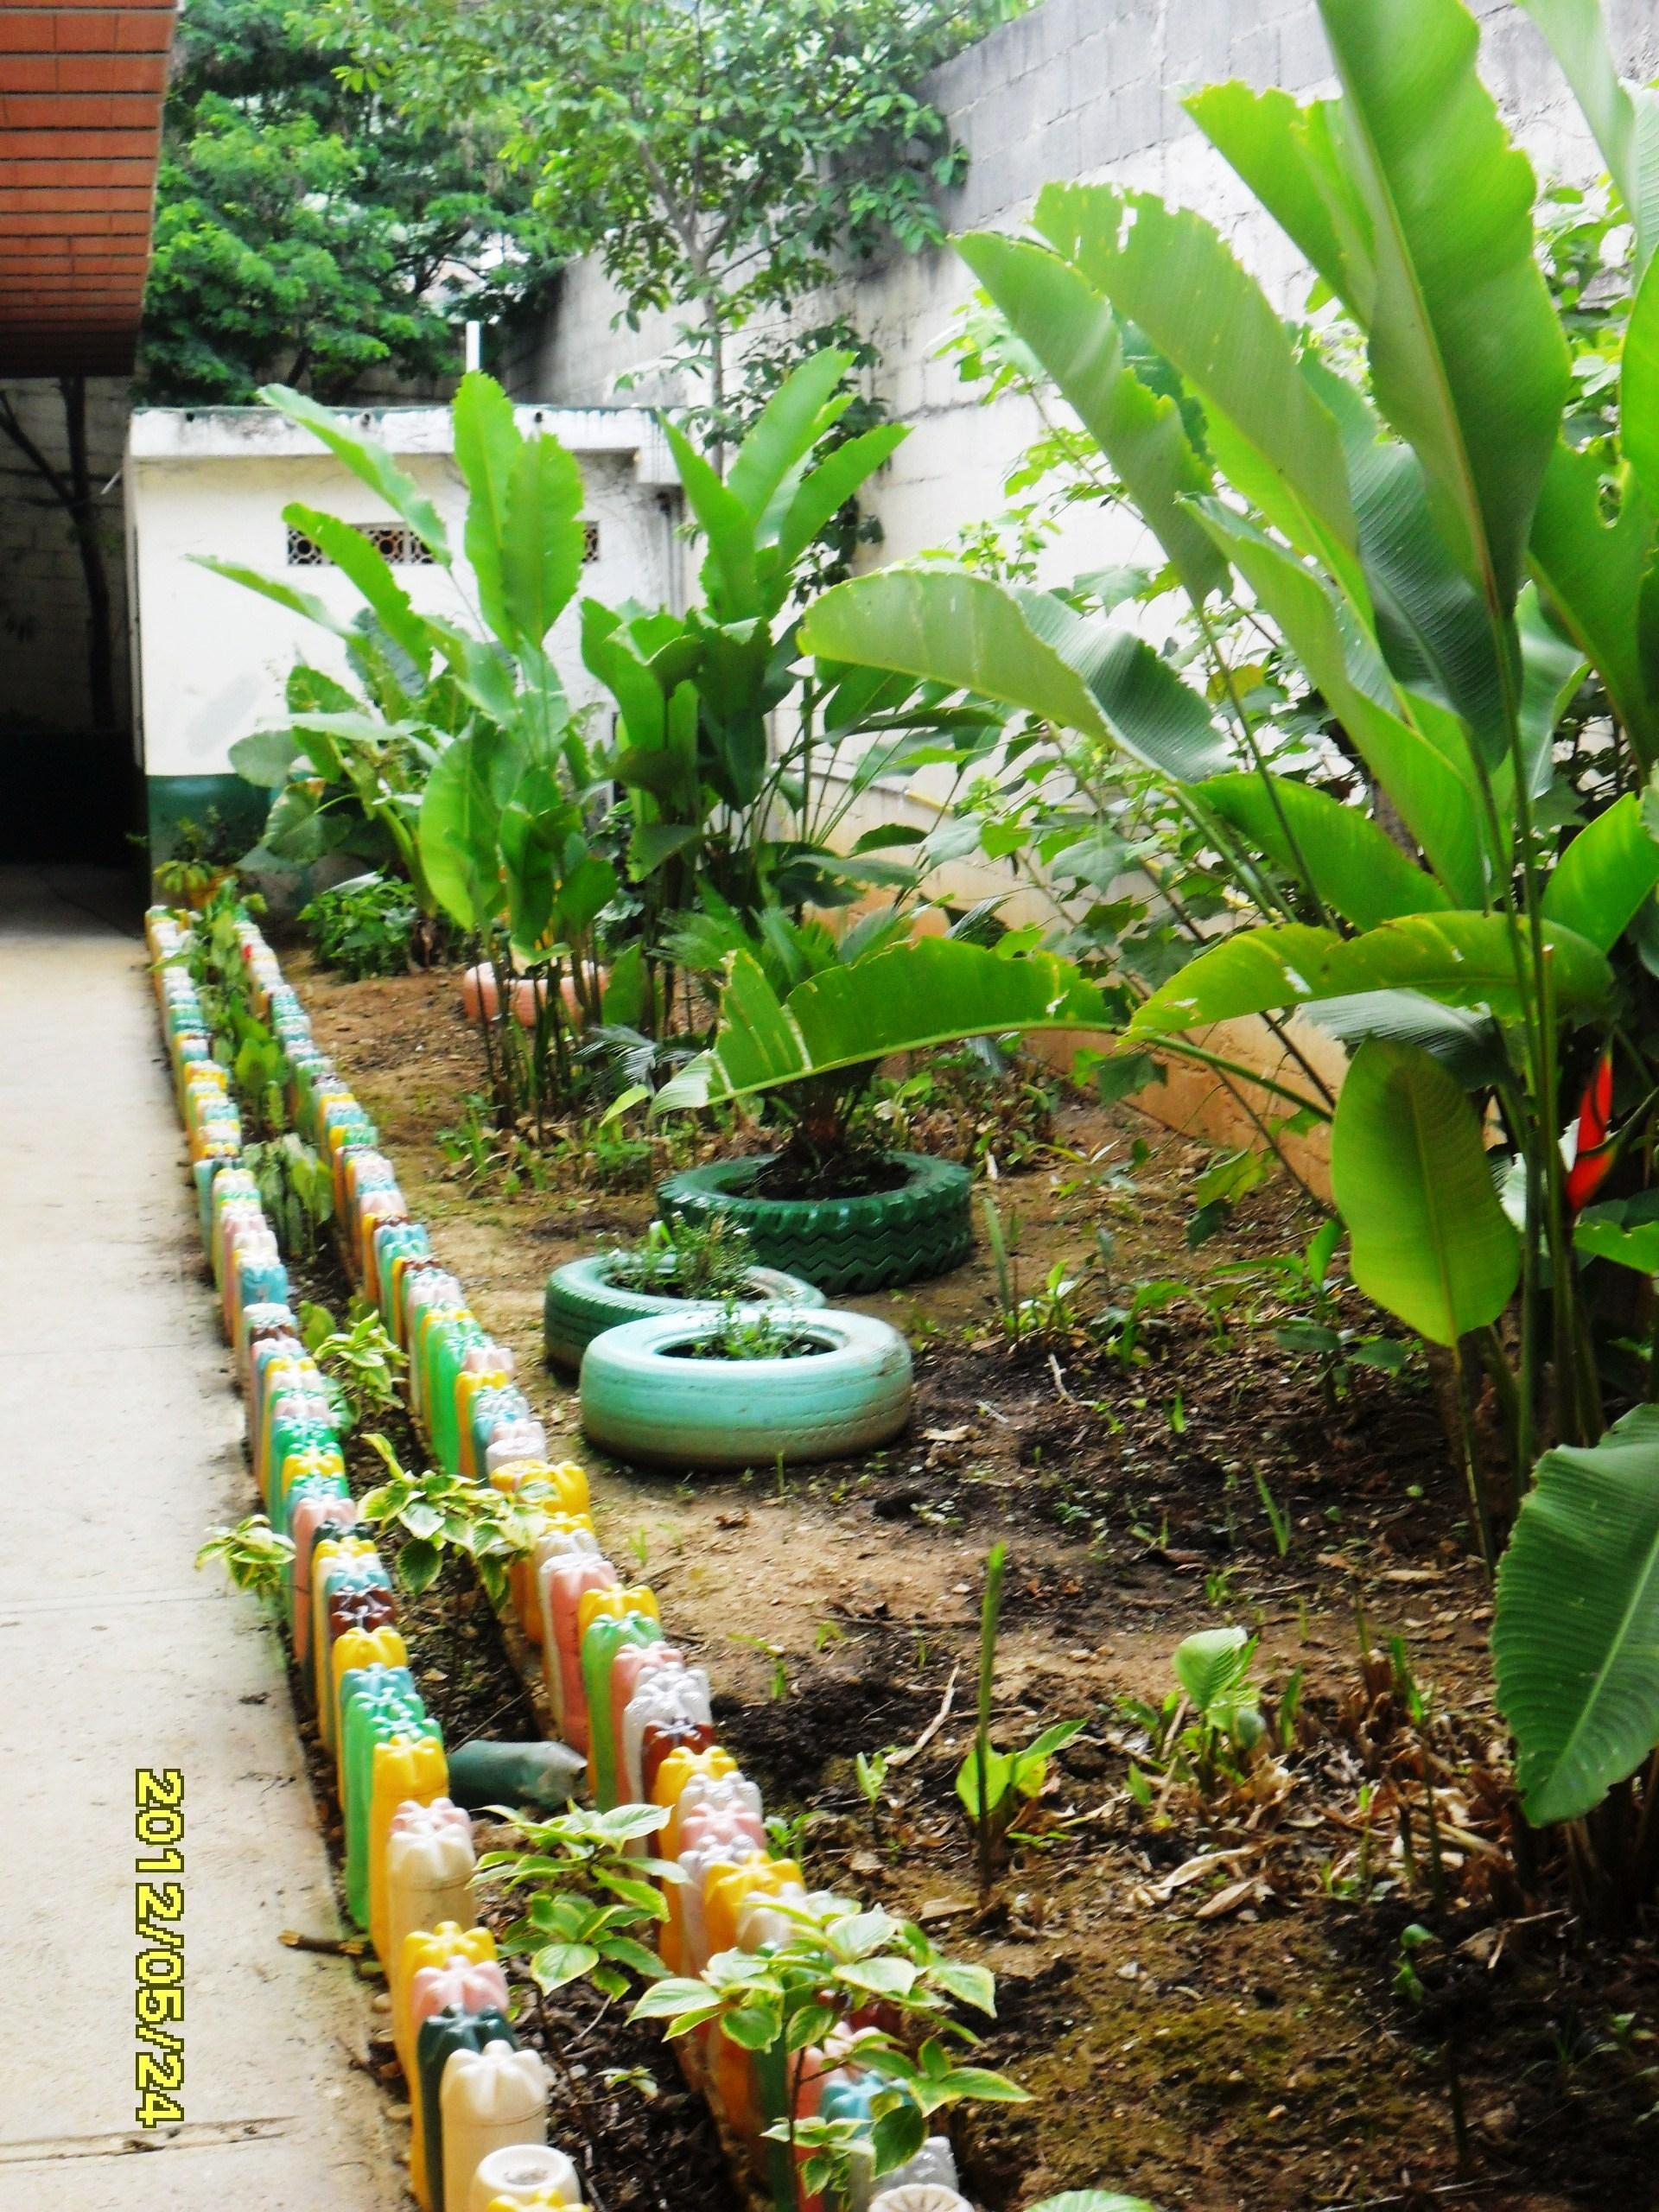 Proyectos Ecologicos Para Escuelas | apexwallpapers.com